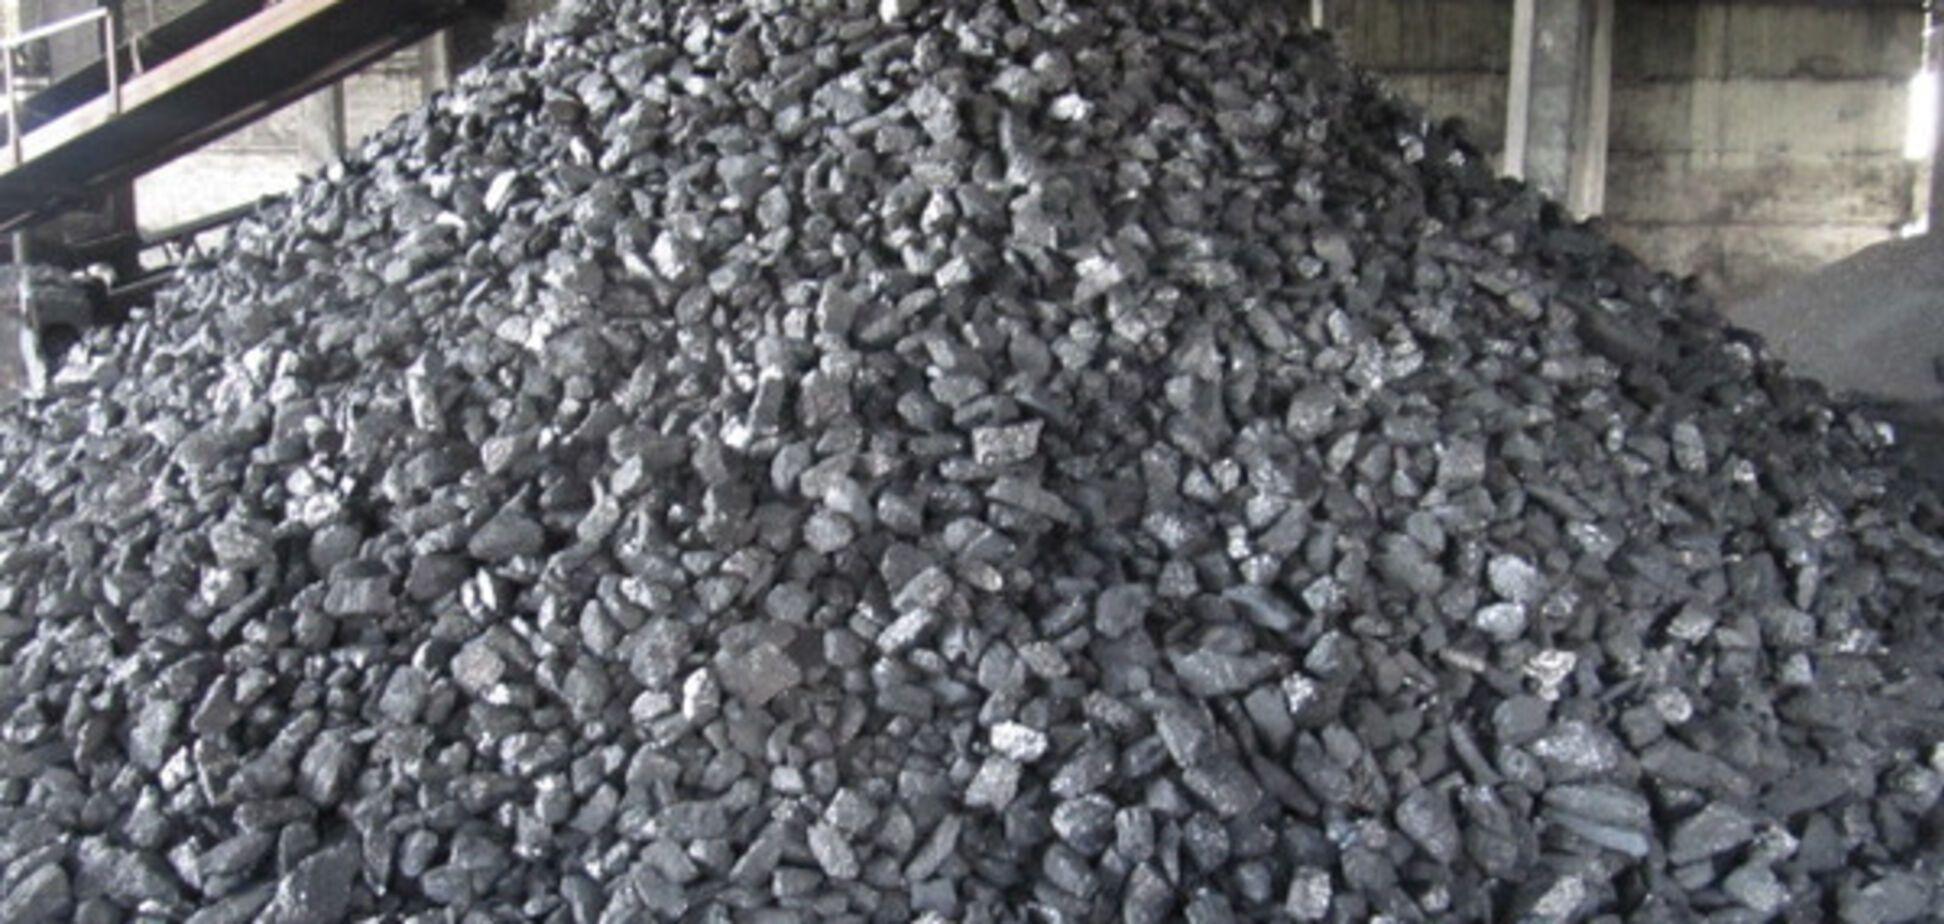 43 вагони: на 'Донбасенерго' Януковича намагалися поставити вугілля з АТО